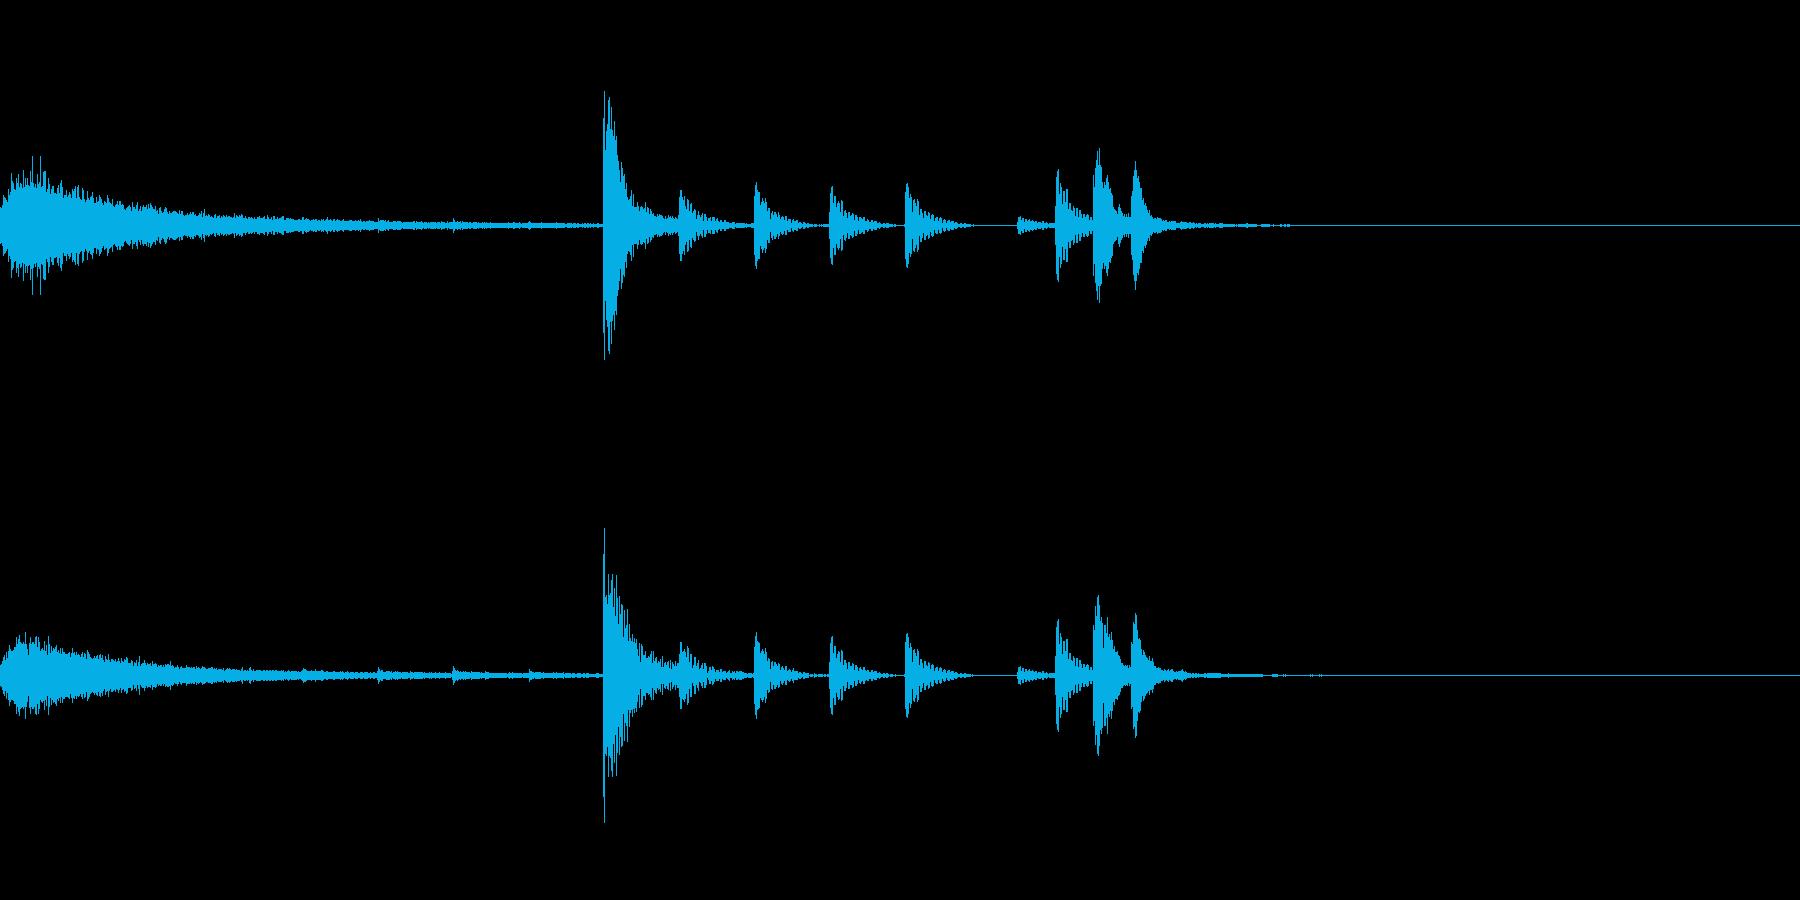 ドラムフレーズ エンディングの再生済みの波形